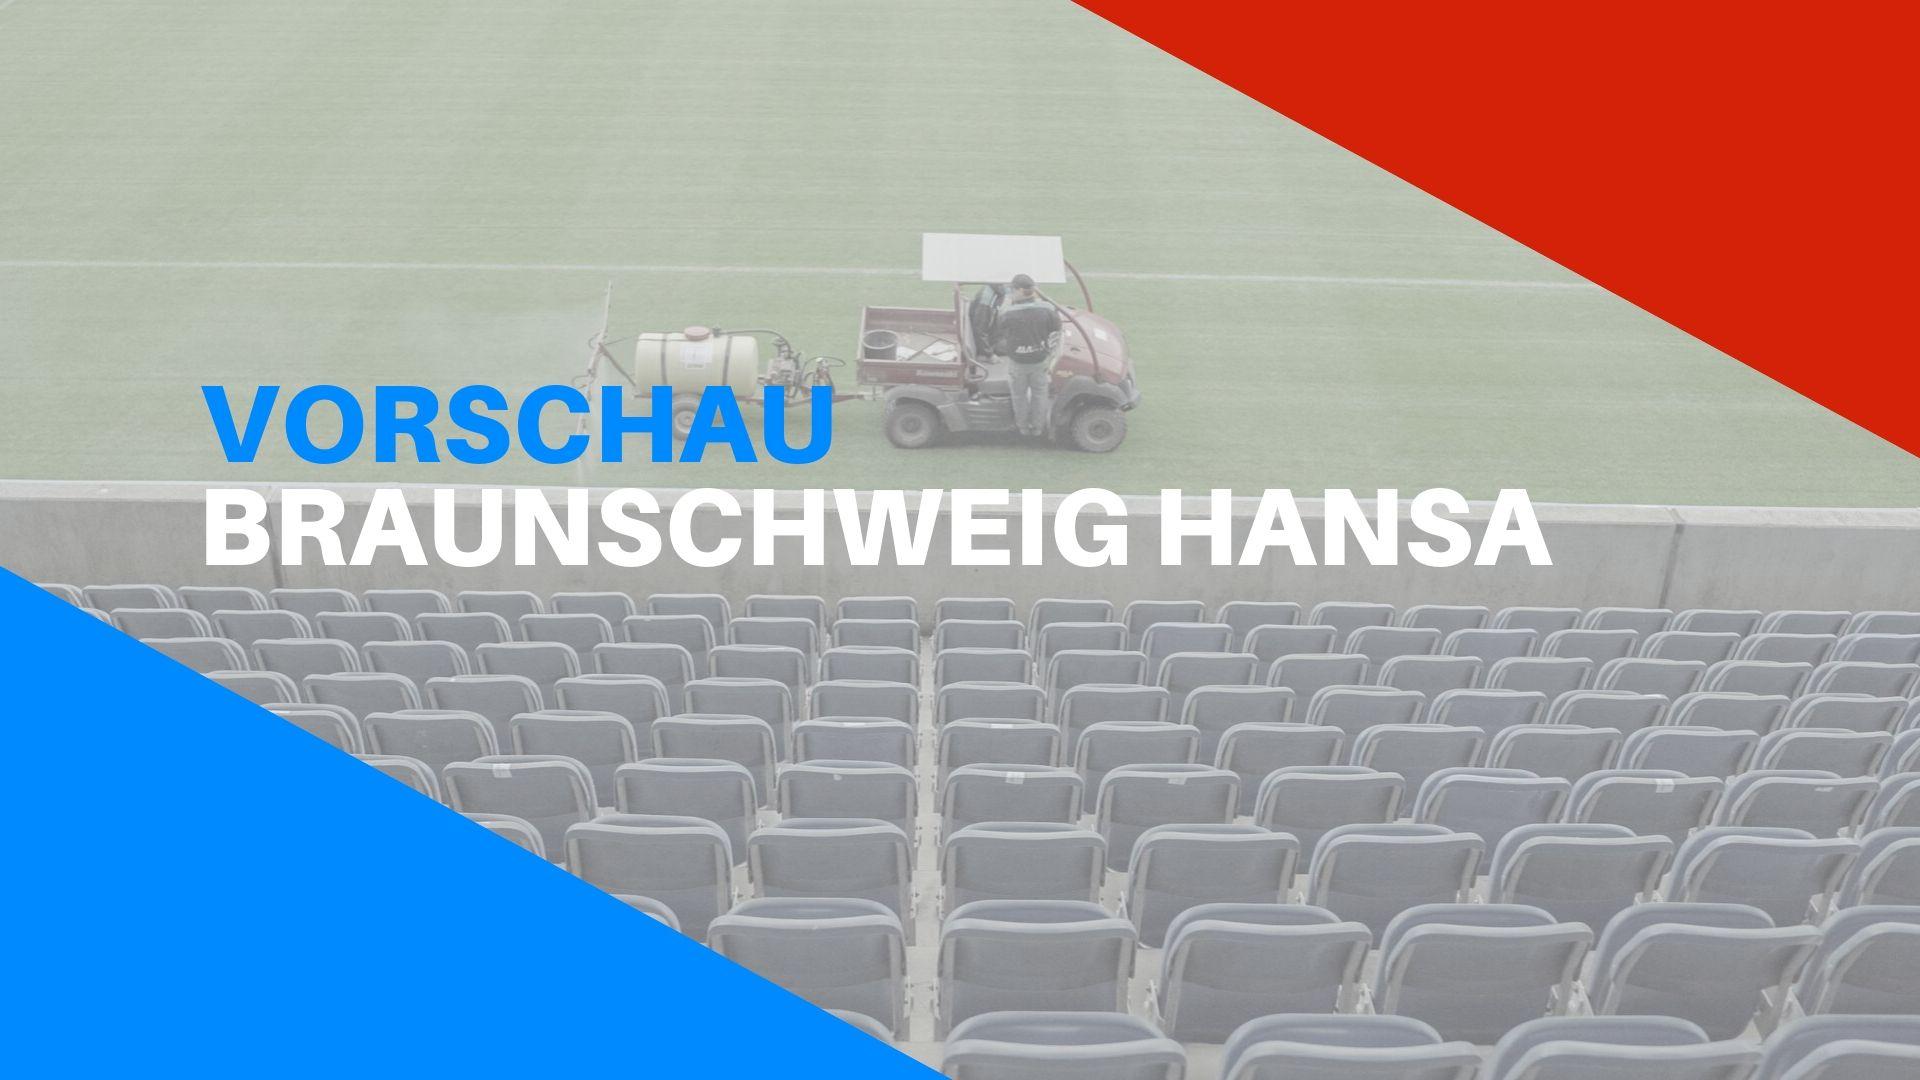 190913_vorschau_braunschweig_hansa